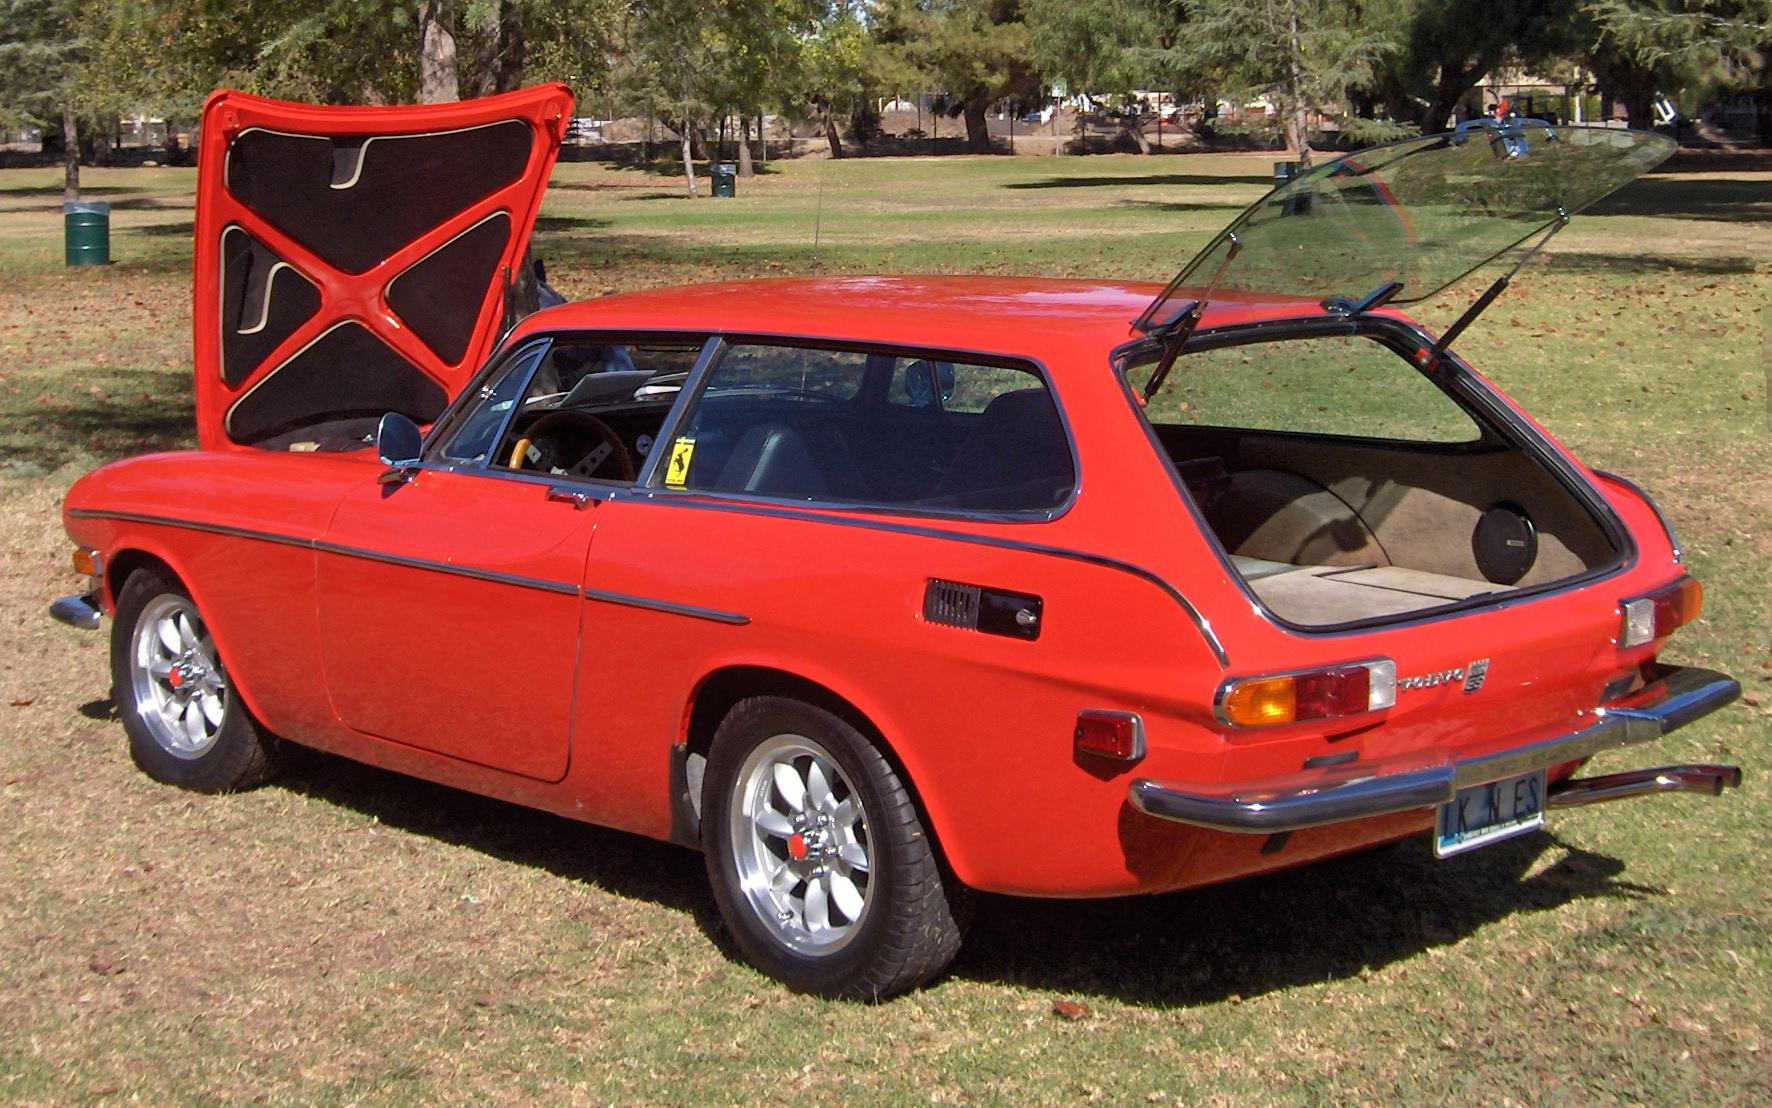 1968 Mustang Break Sport Wagon >> Par quelle autre voiture remplaceriez-vous votre Mustang ? - ForumMustang.com - Ford Mustang